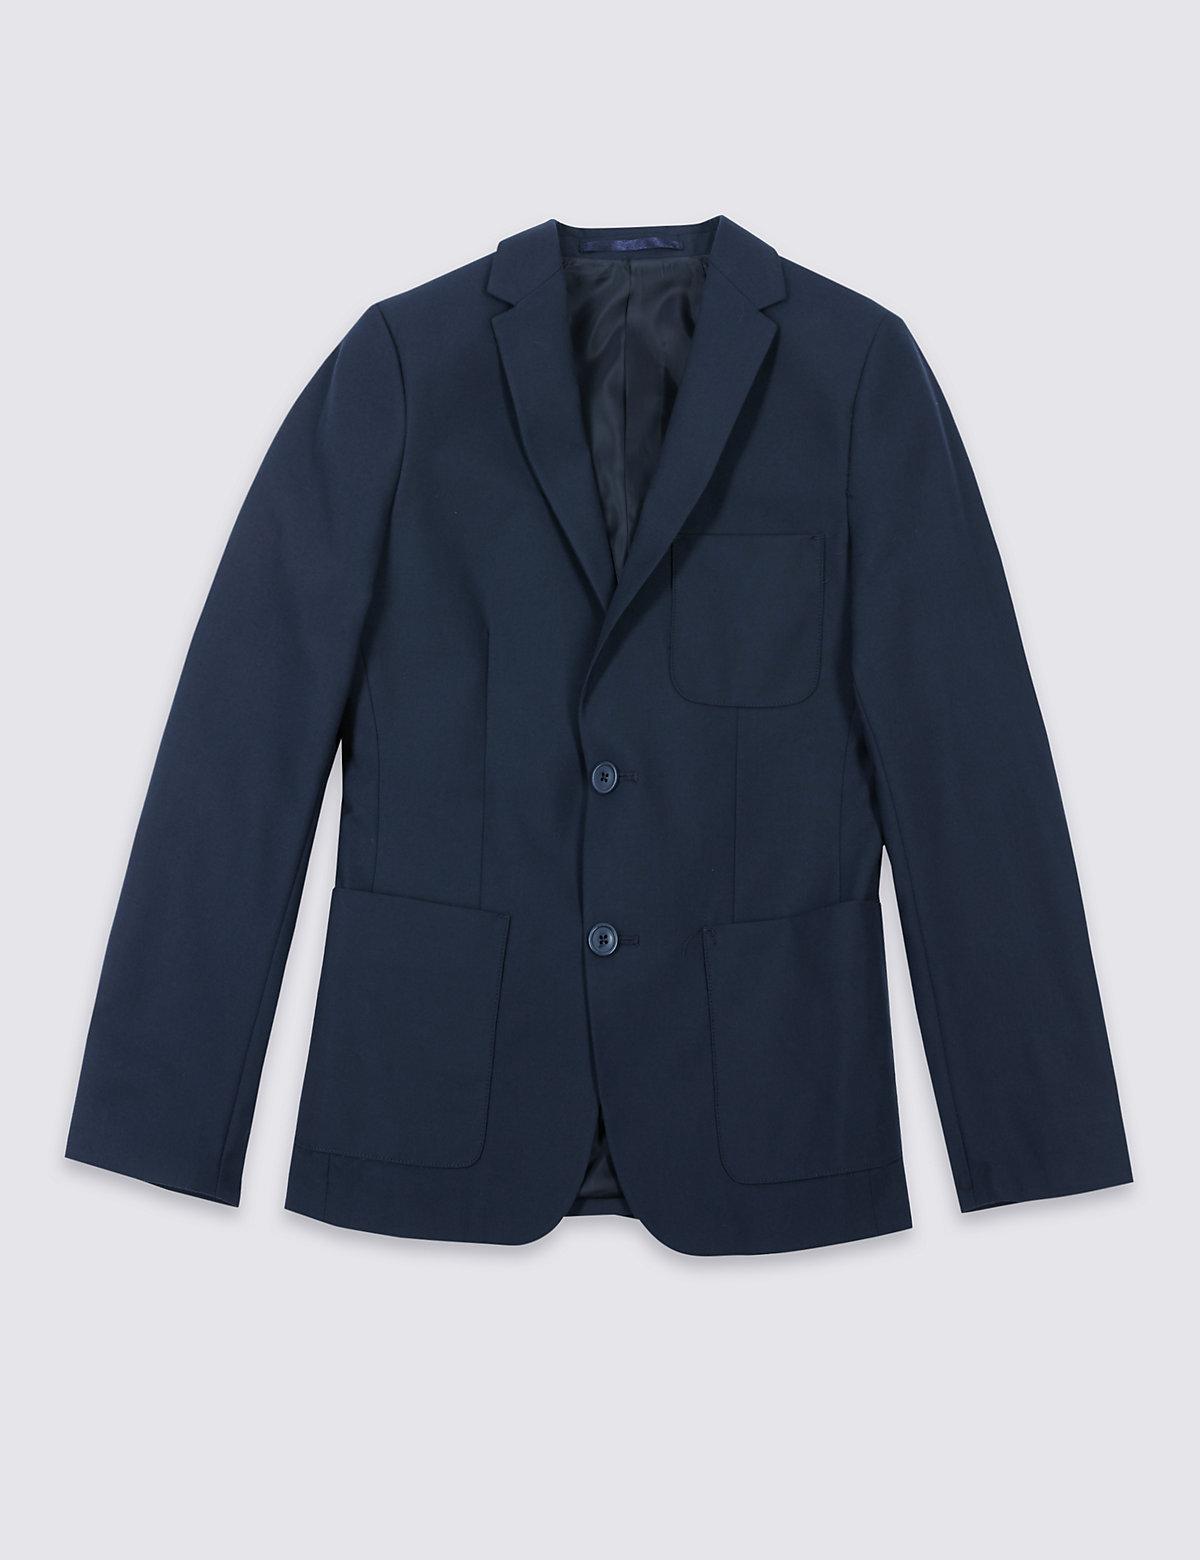 Школьный пиджак для мальчика с технологией Triple Action Stormwear™